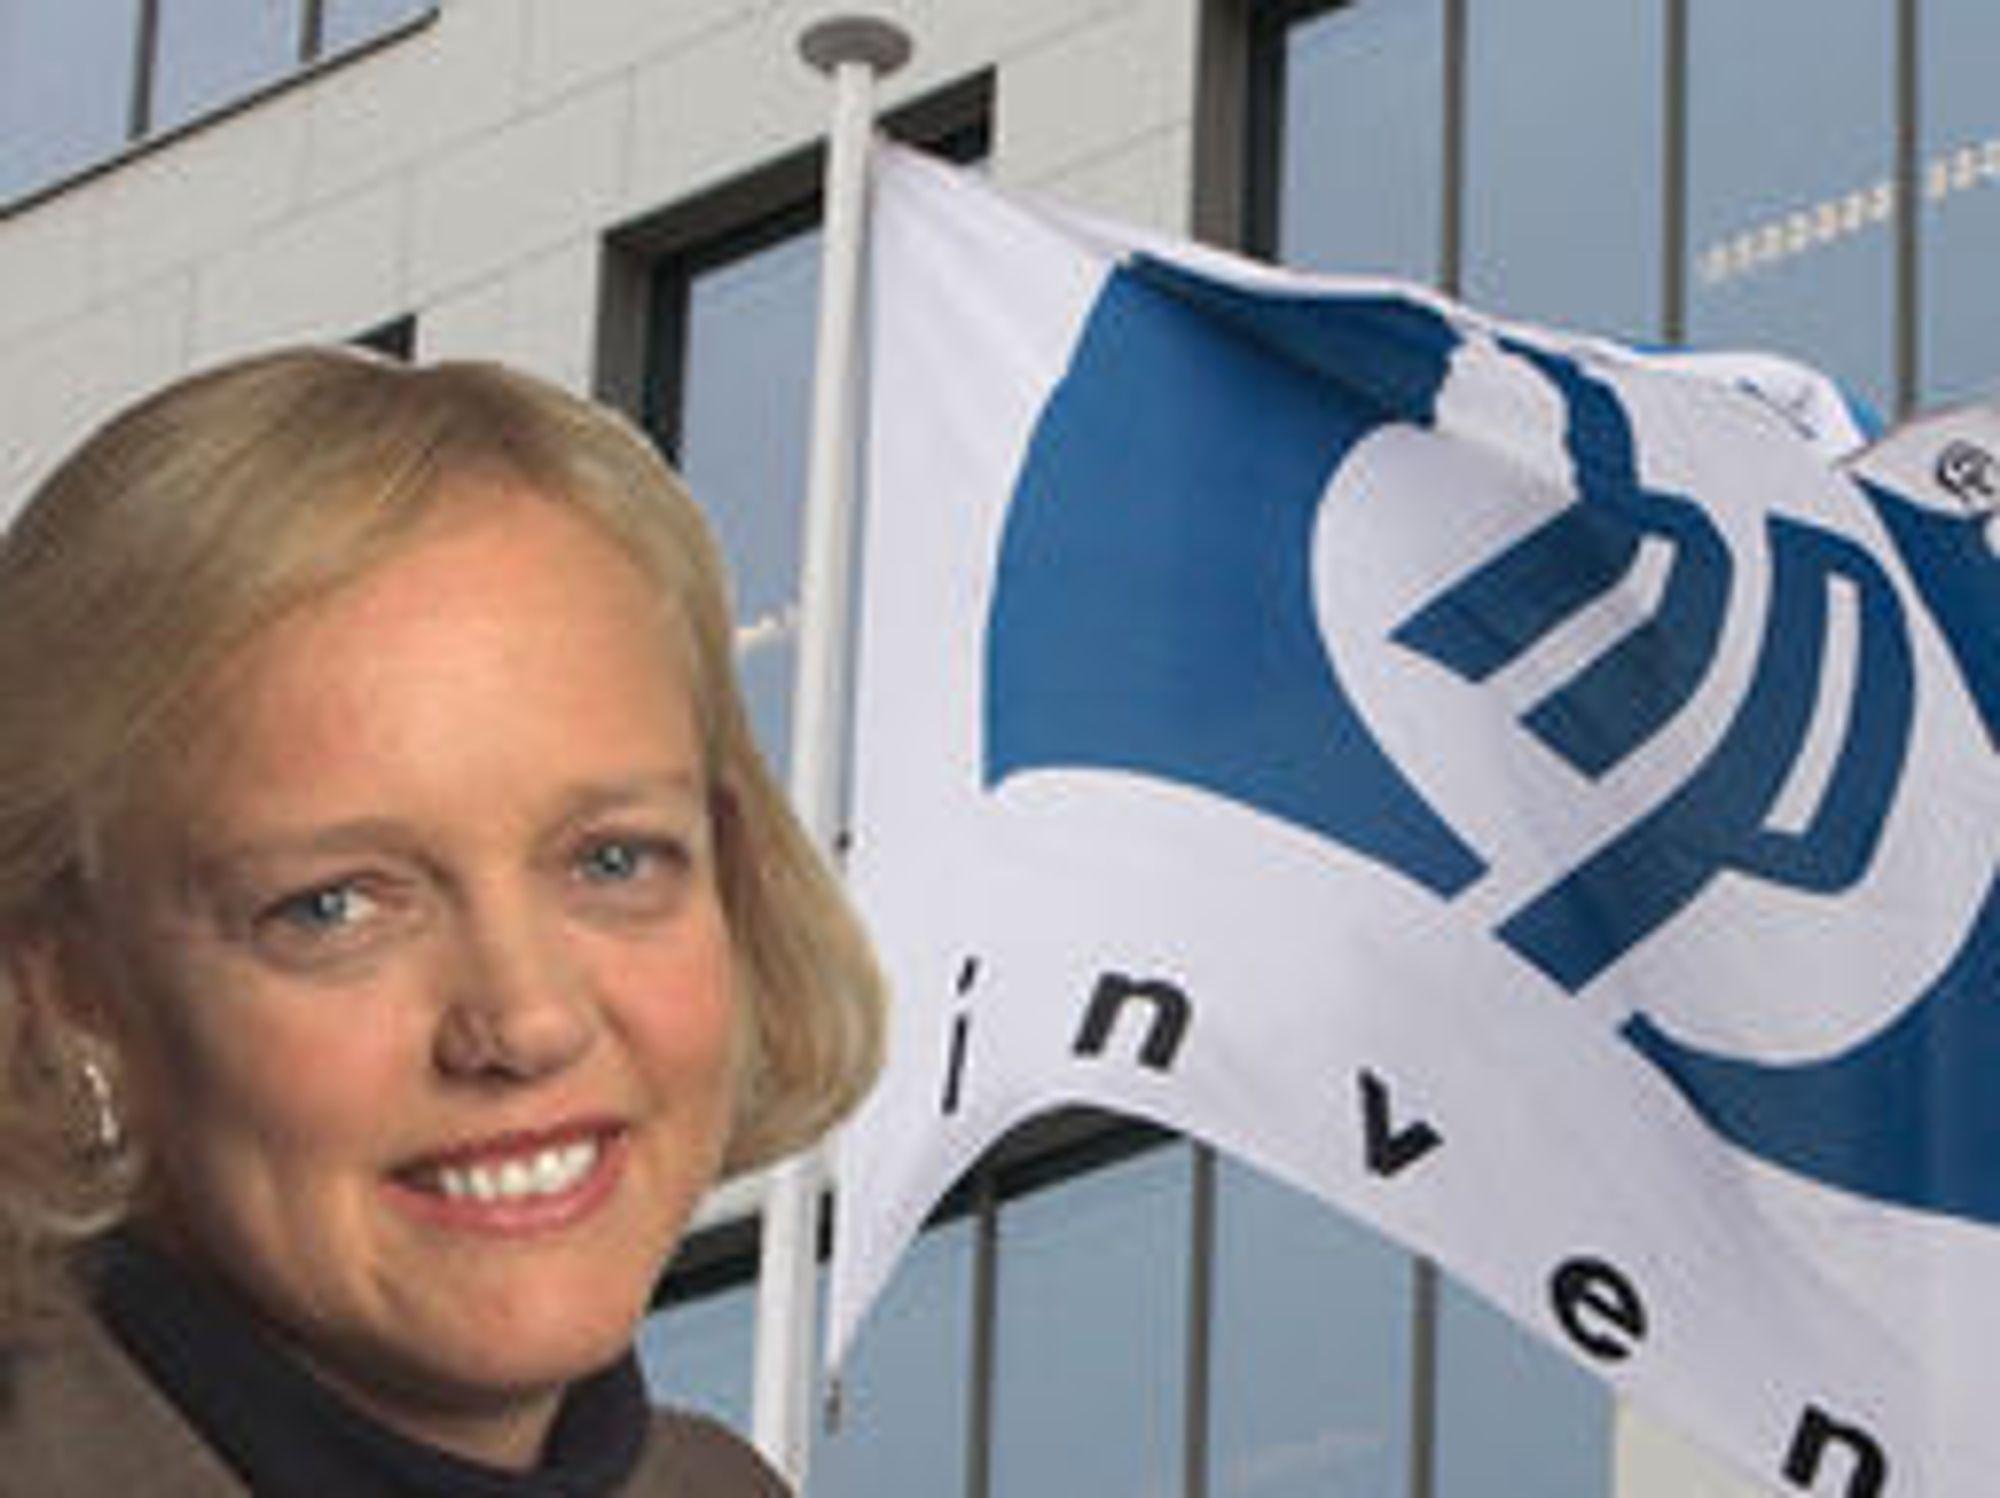 Meg Whitman sier det kan ta år å gjennomføre en nødvendig snuoperasjon i HP.